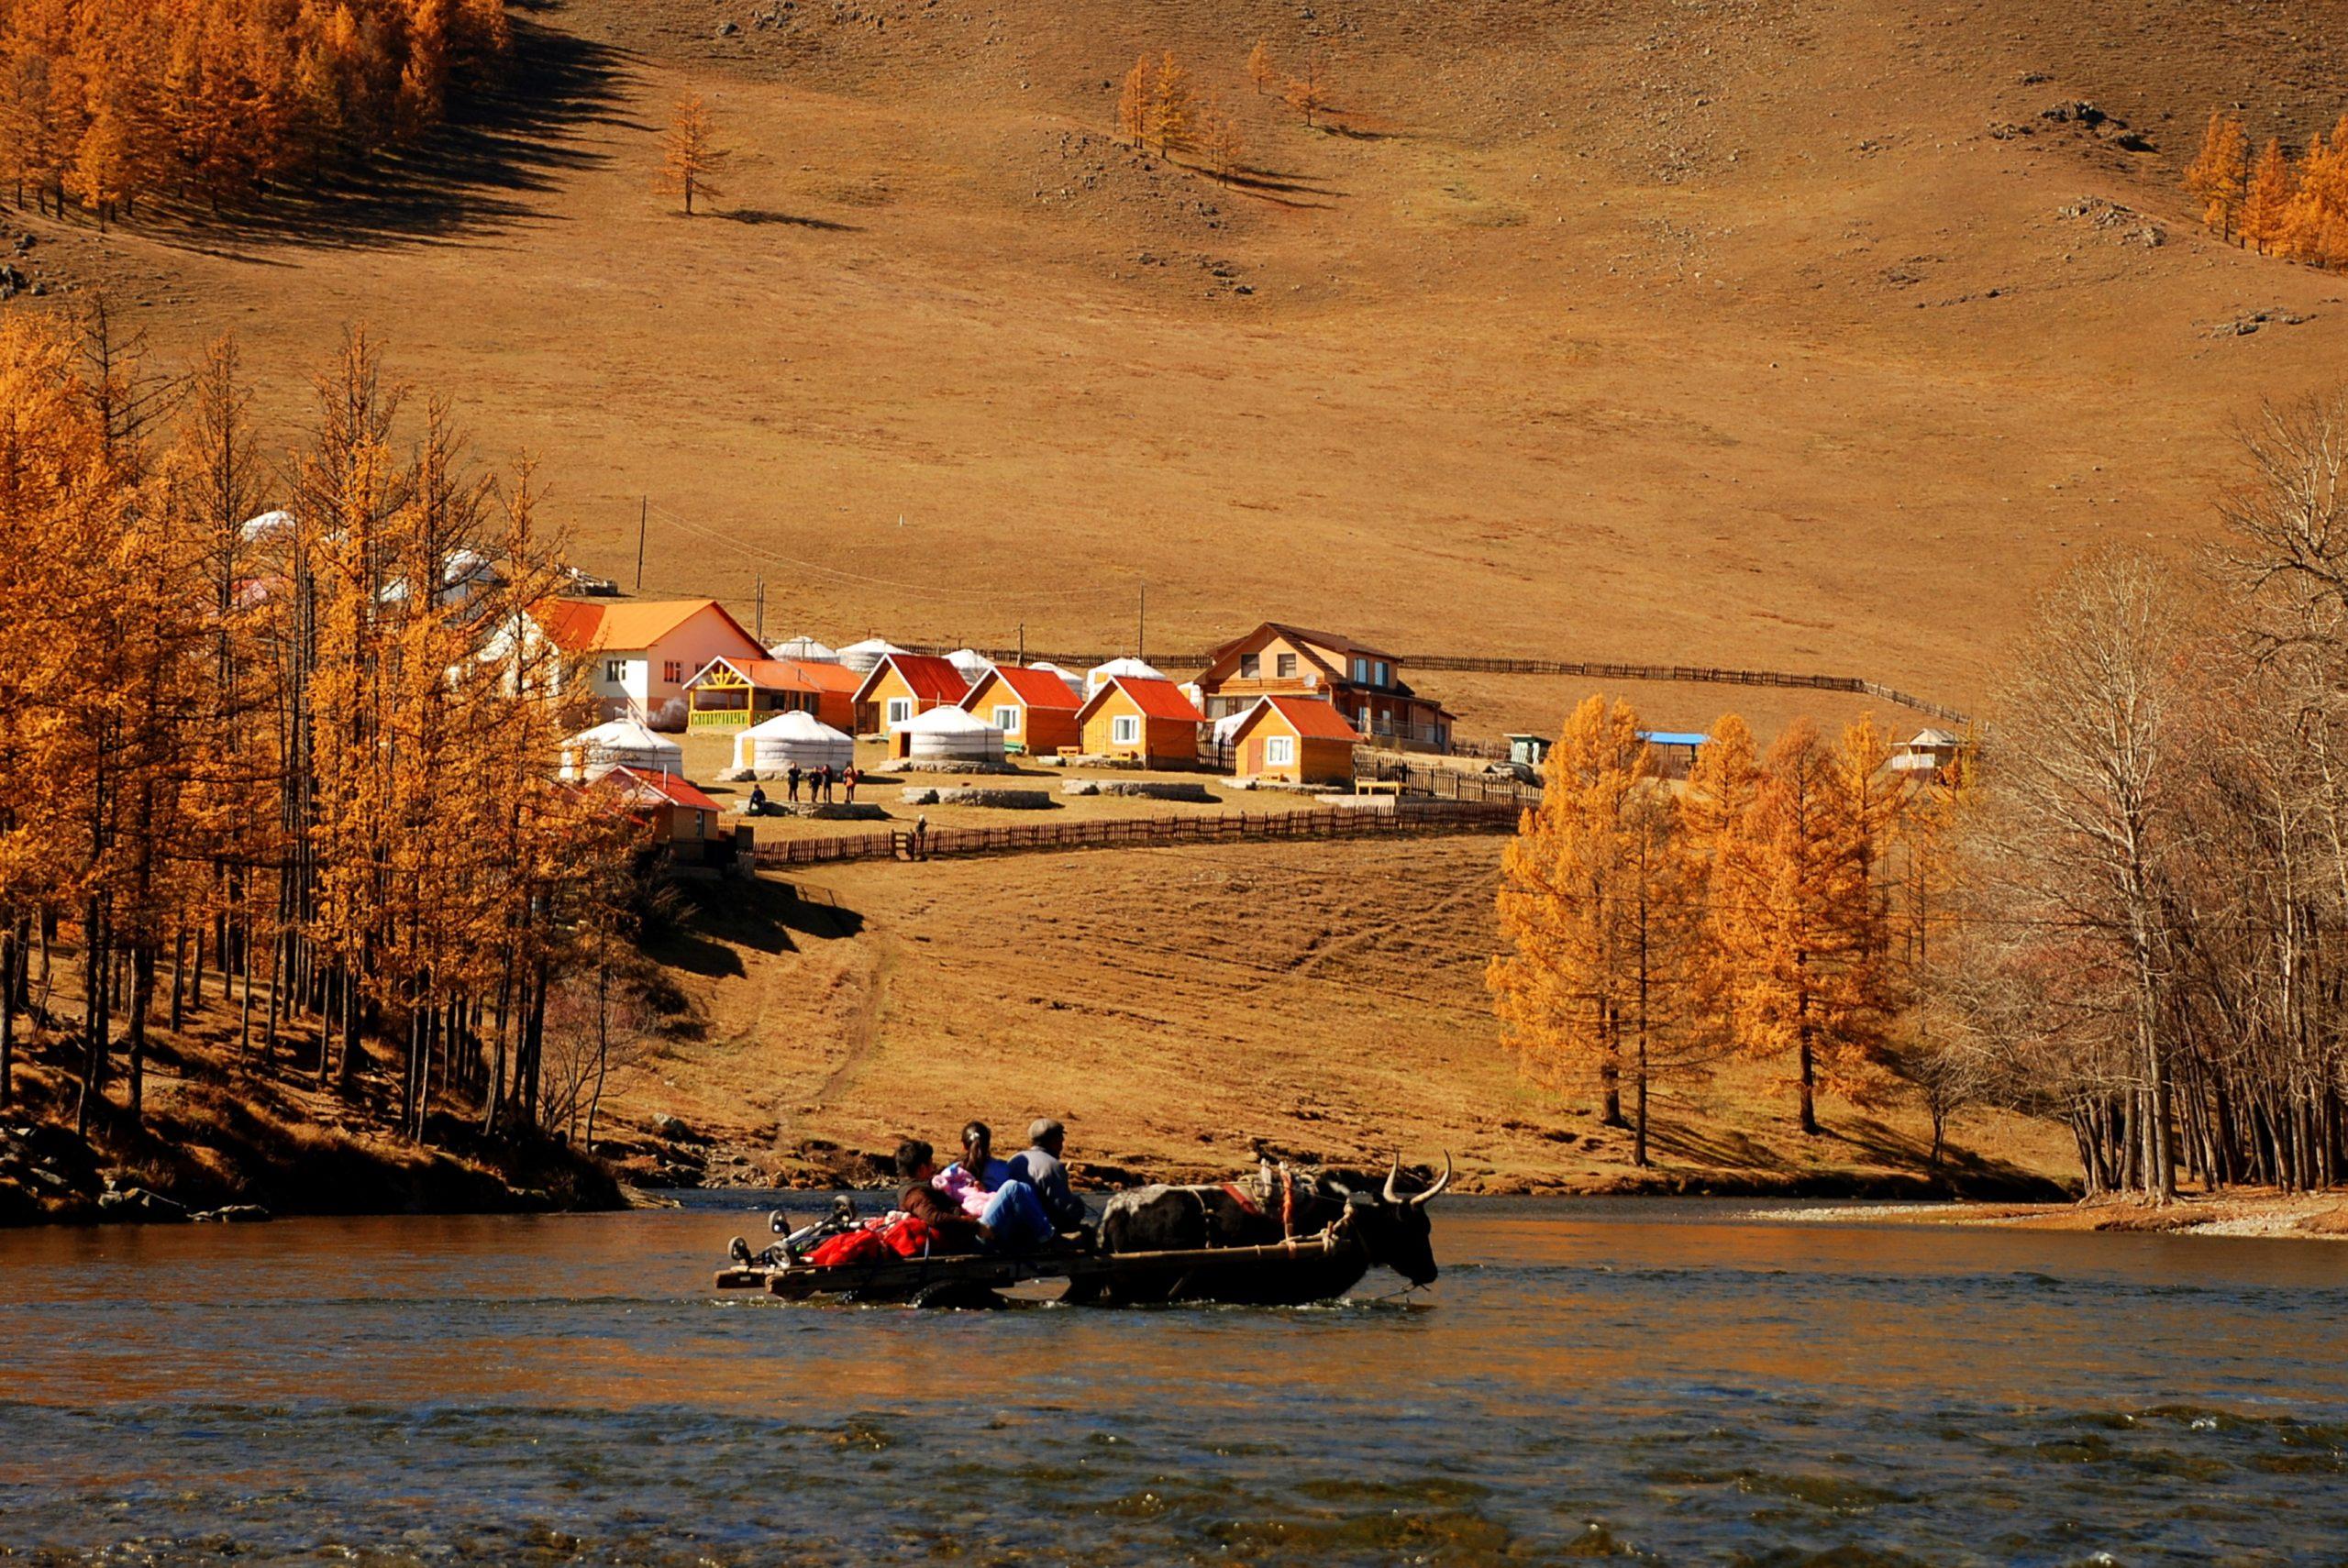 Putovanje Rusija - Bajkalsko jezero (14)